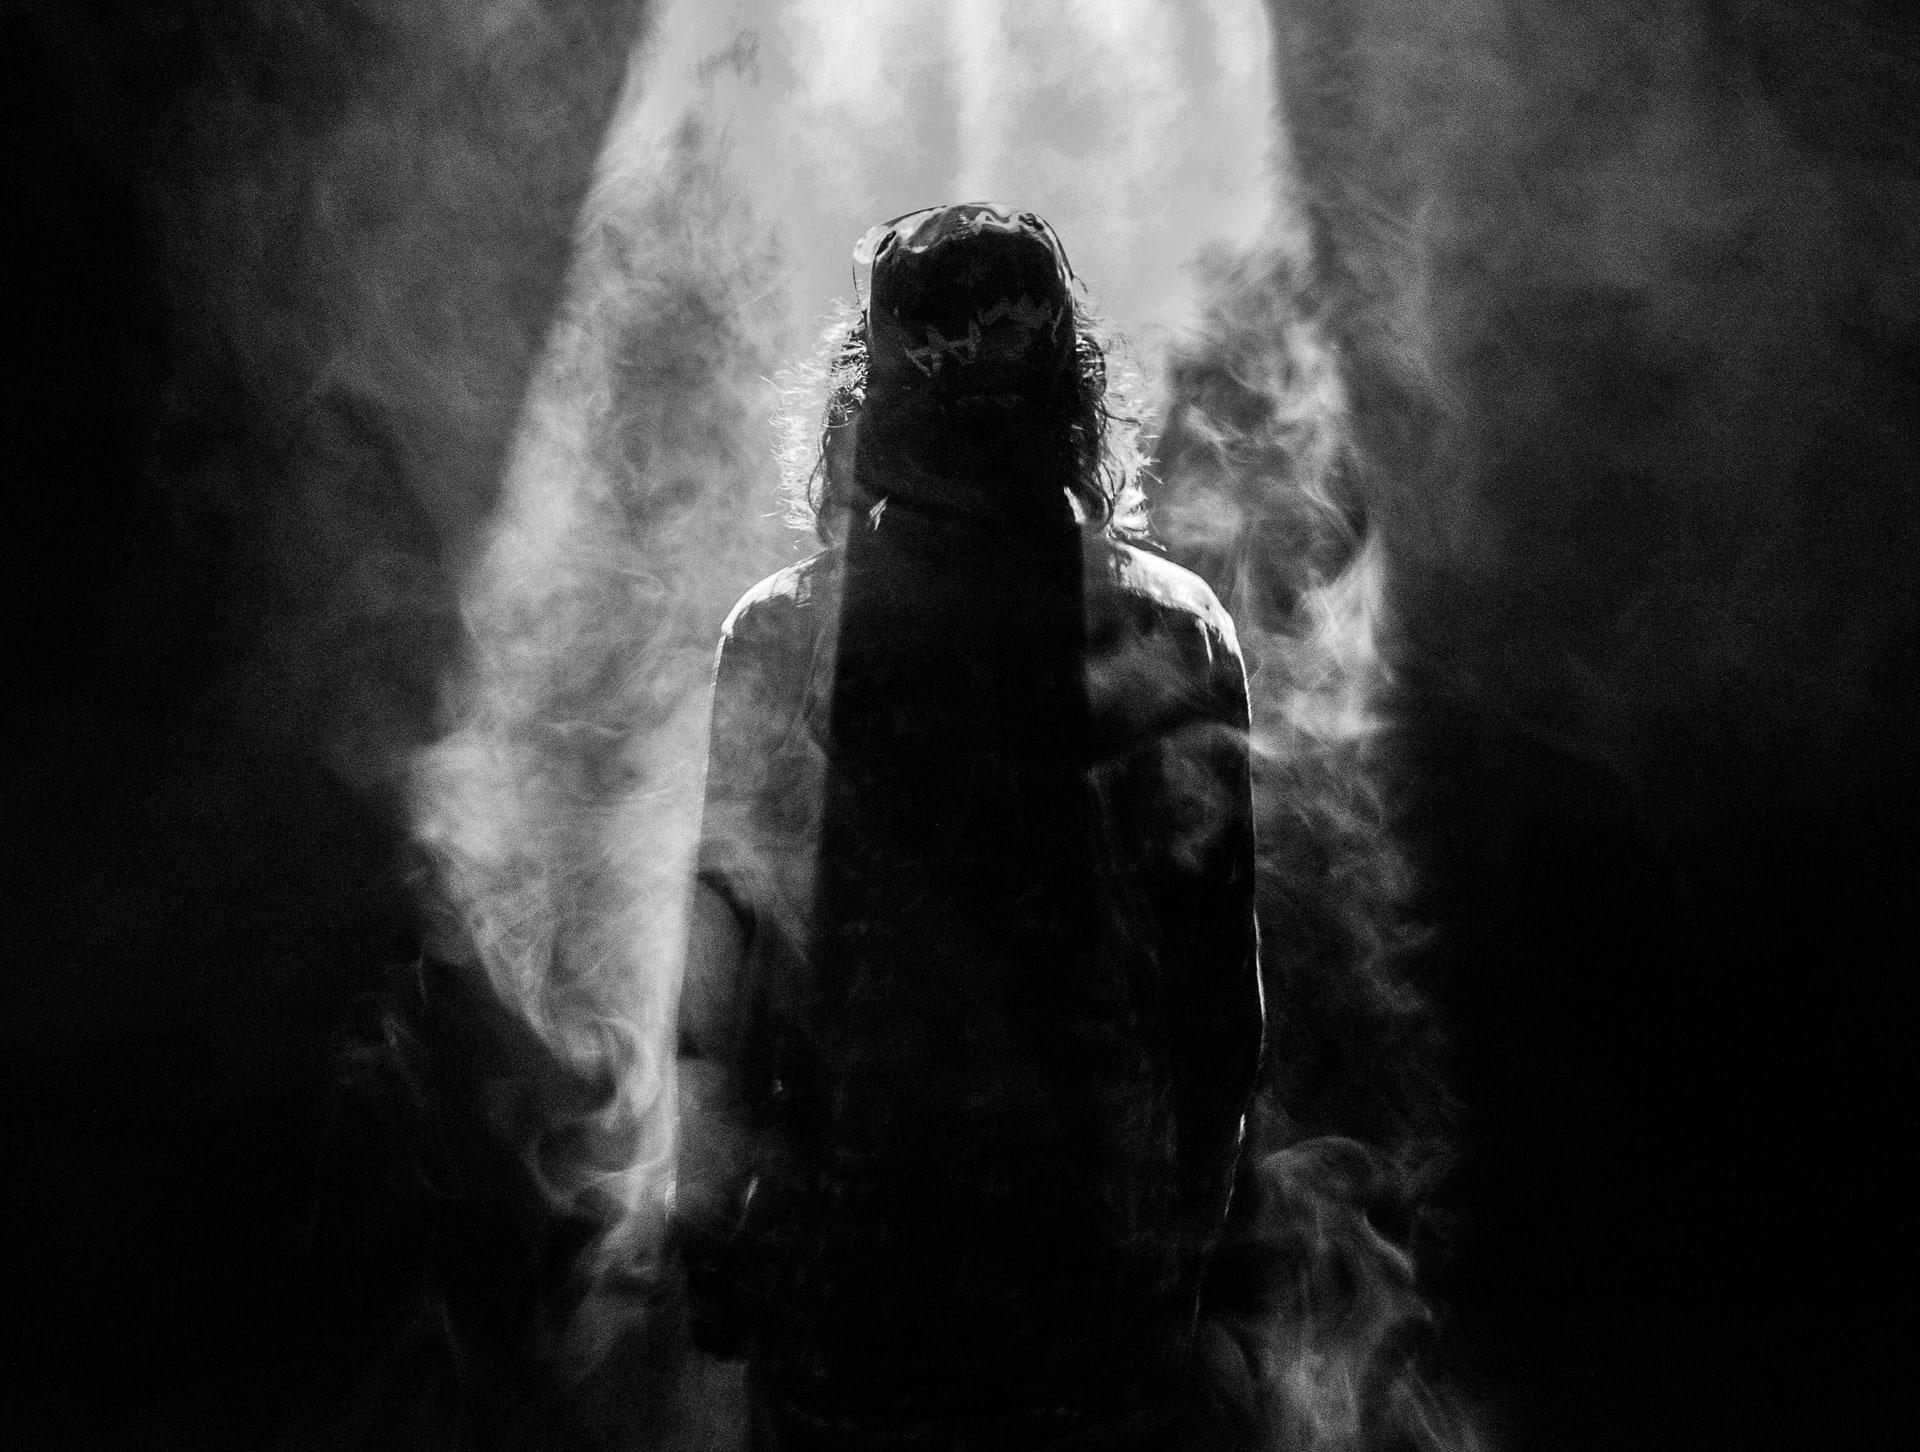 La silhouette d'un Jésus enfumé